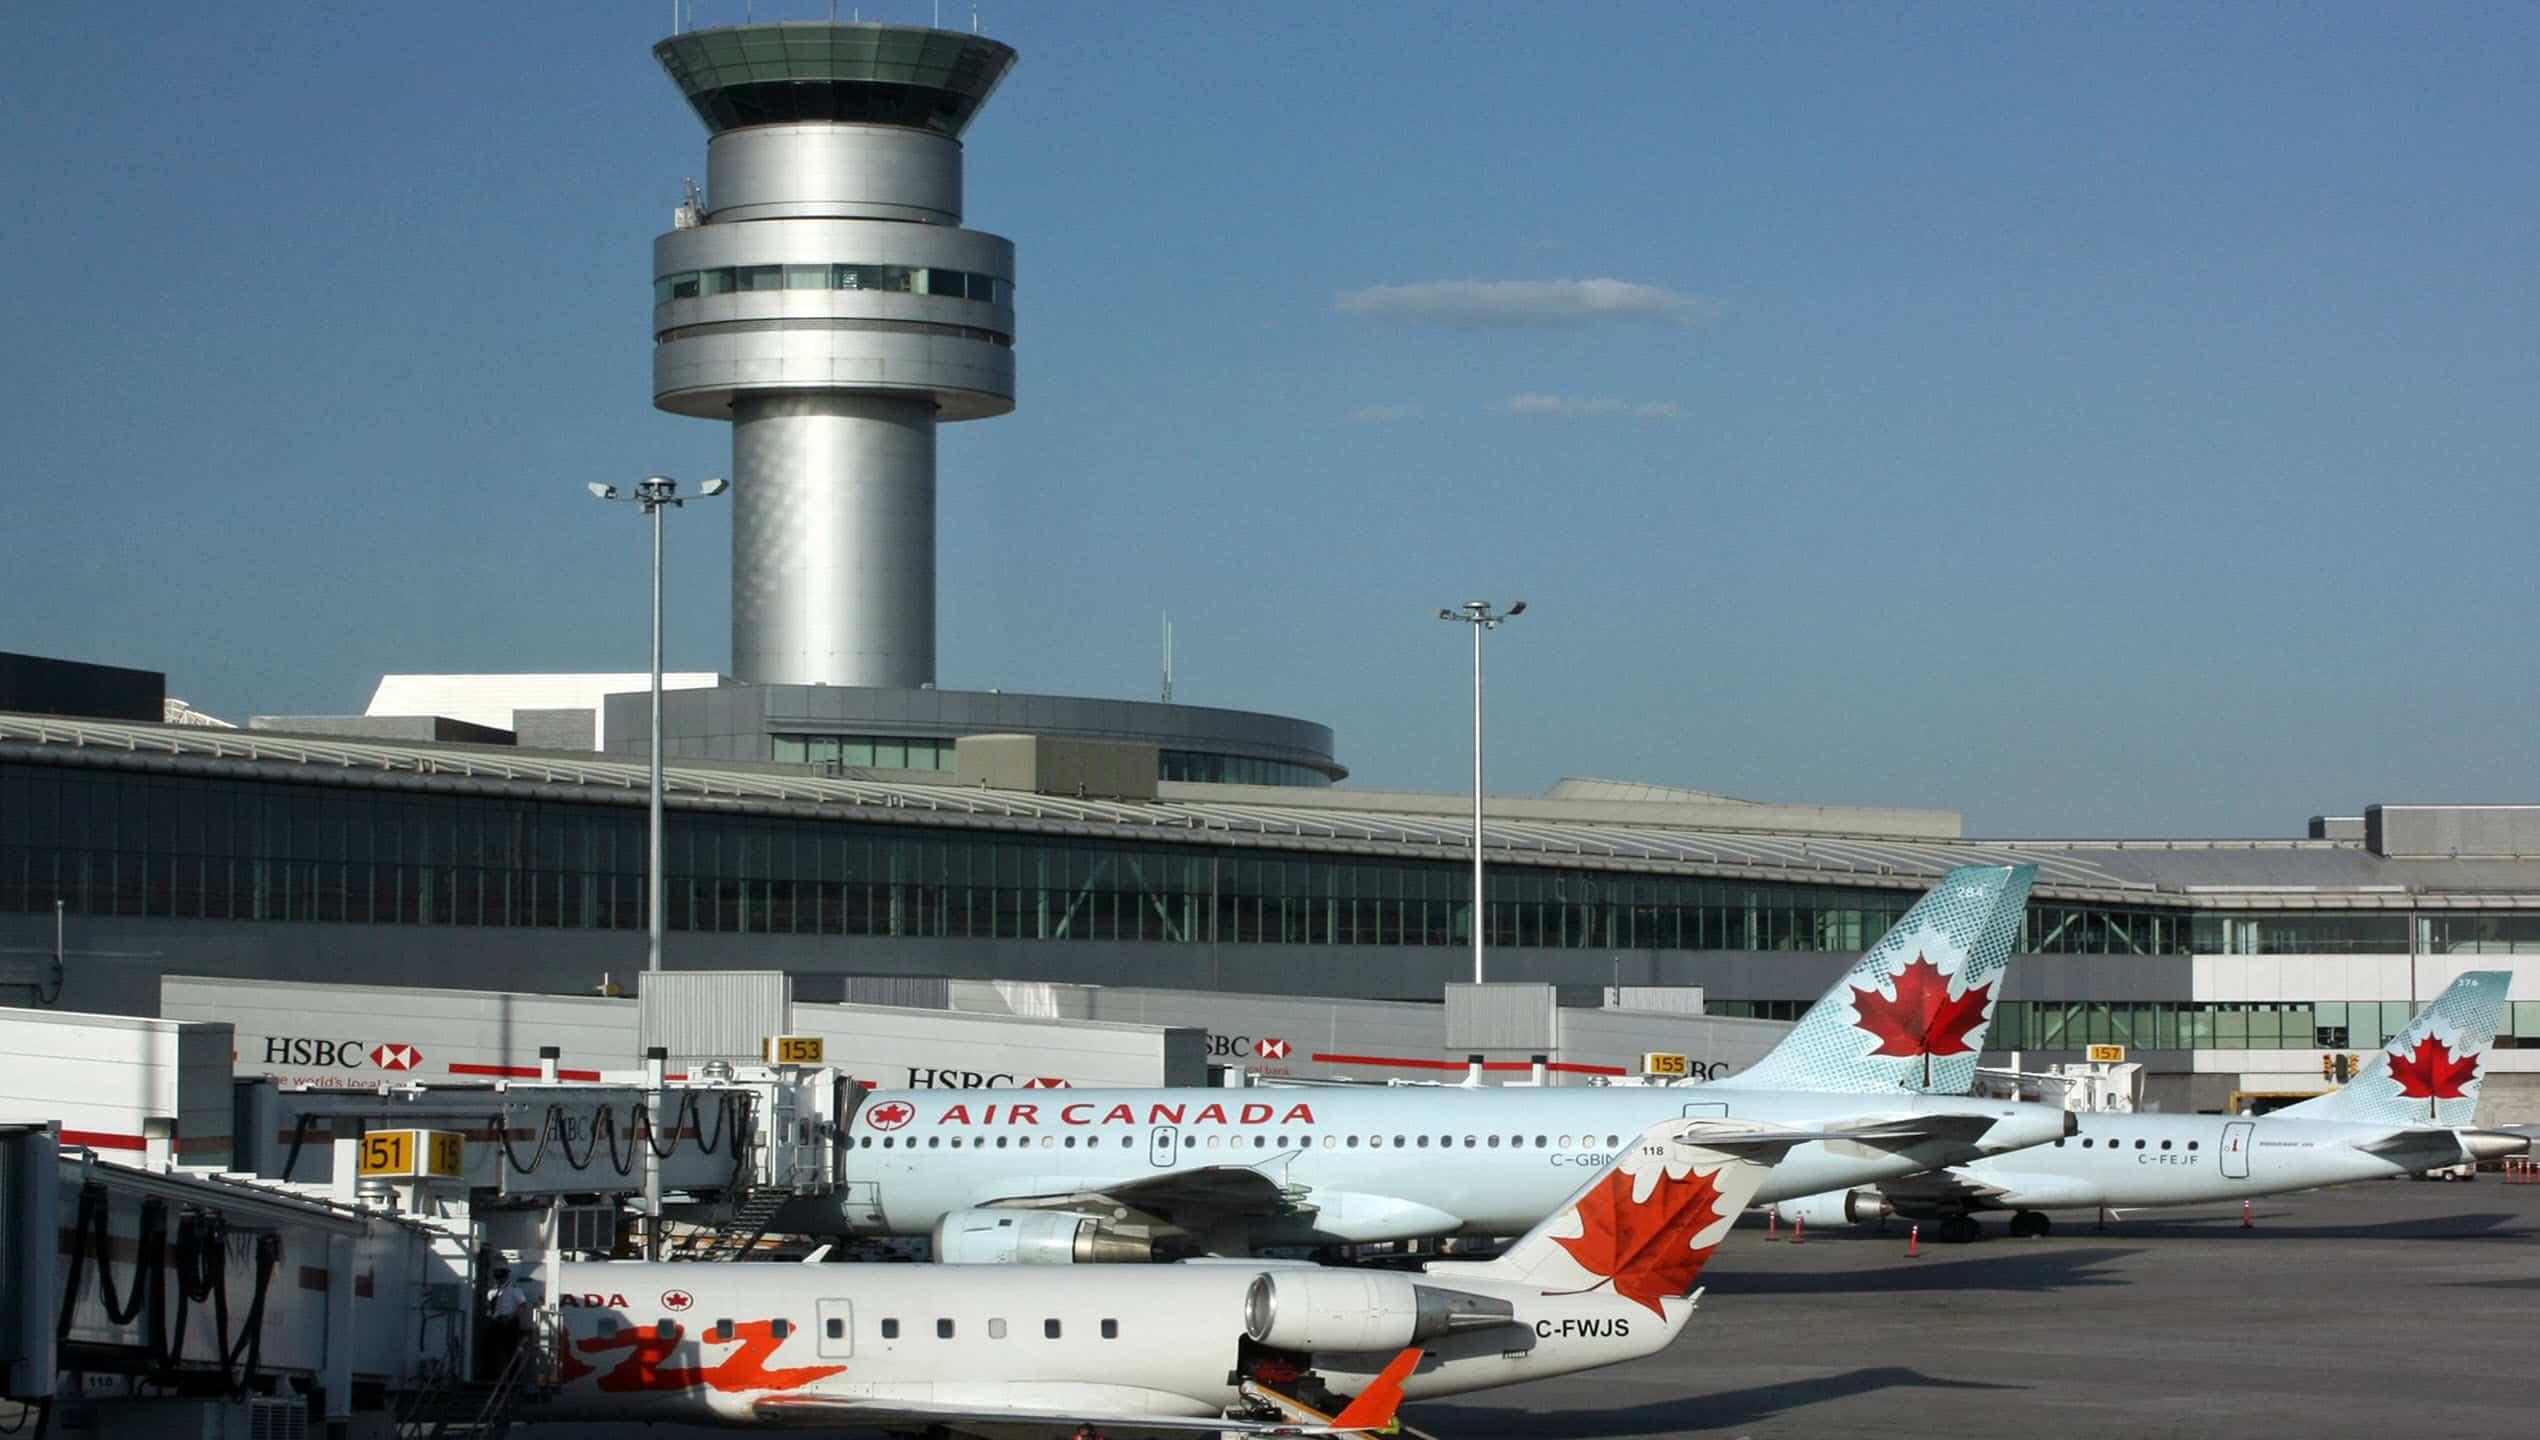 Pearson International Airport - Air Canada